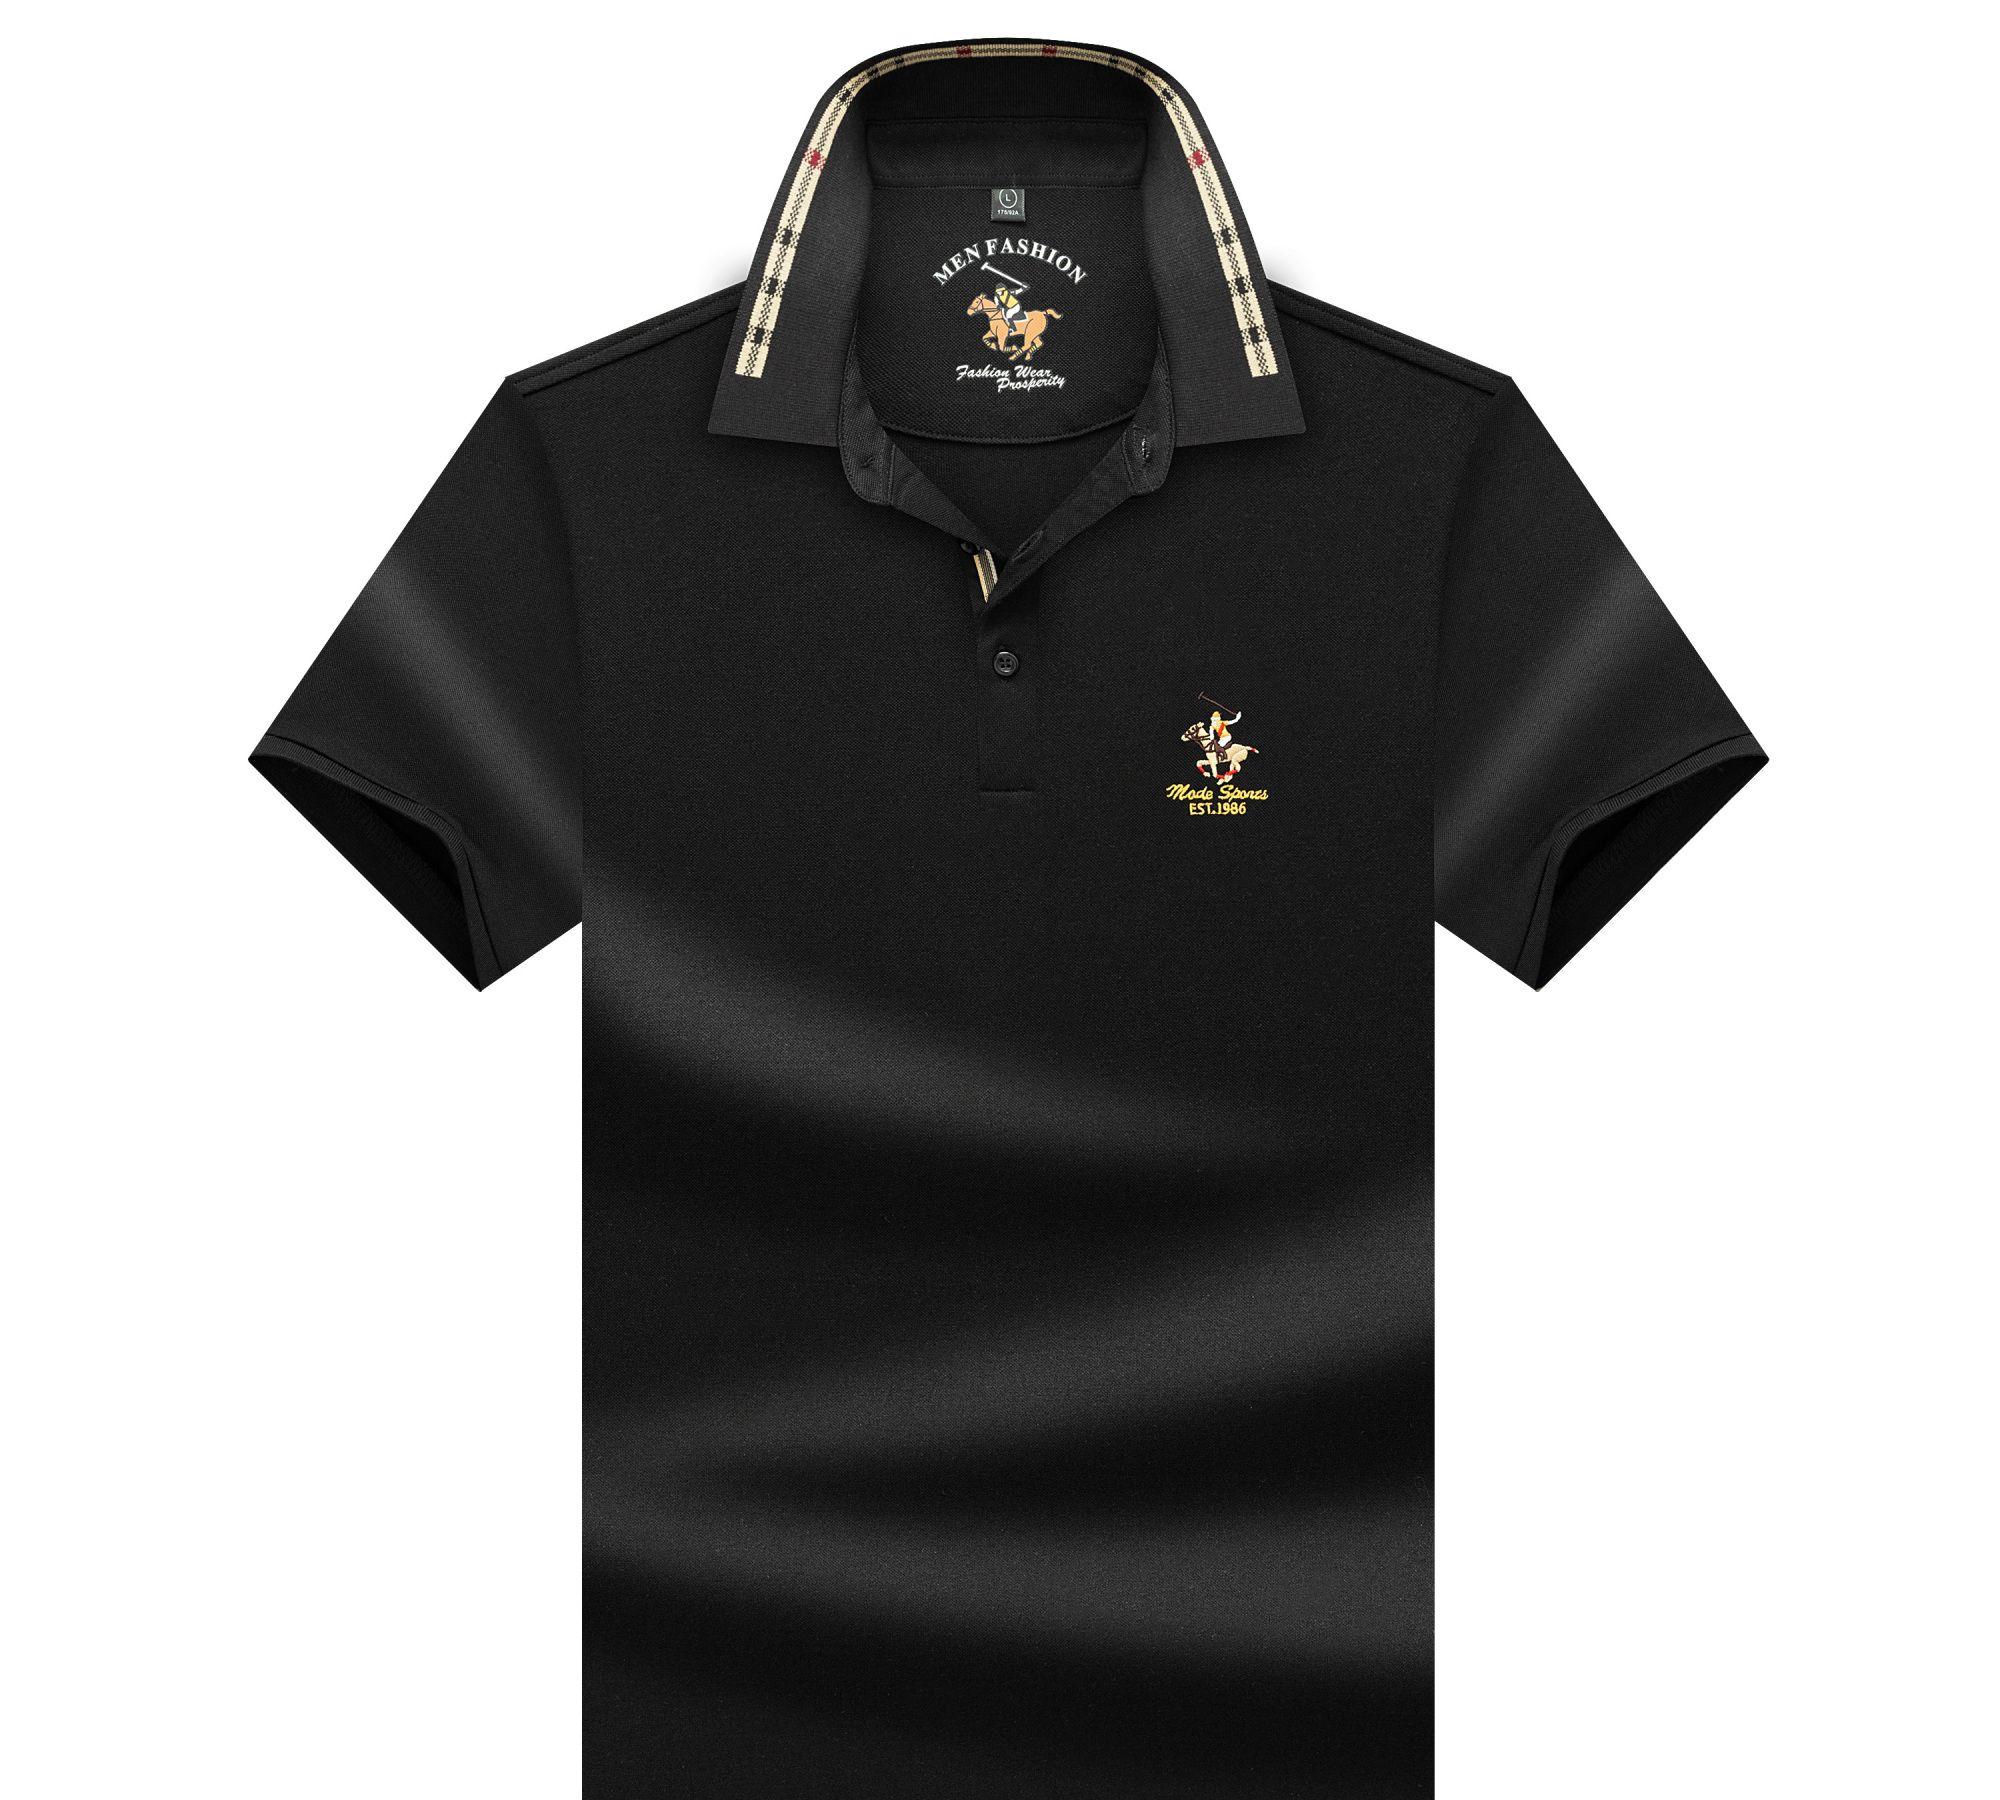 夏季男士短袖T恤,商务休闲polo衫,纯色简约薄款,百搭翻领t恤